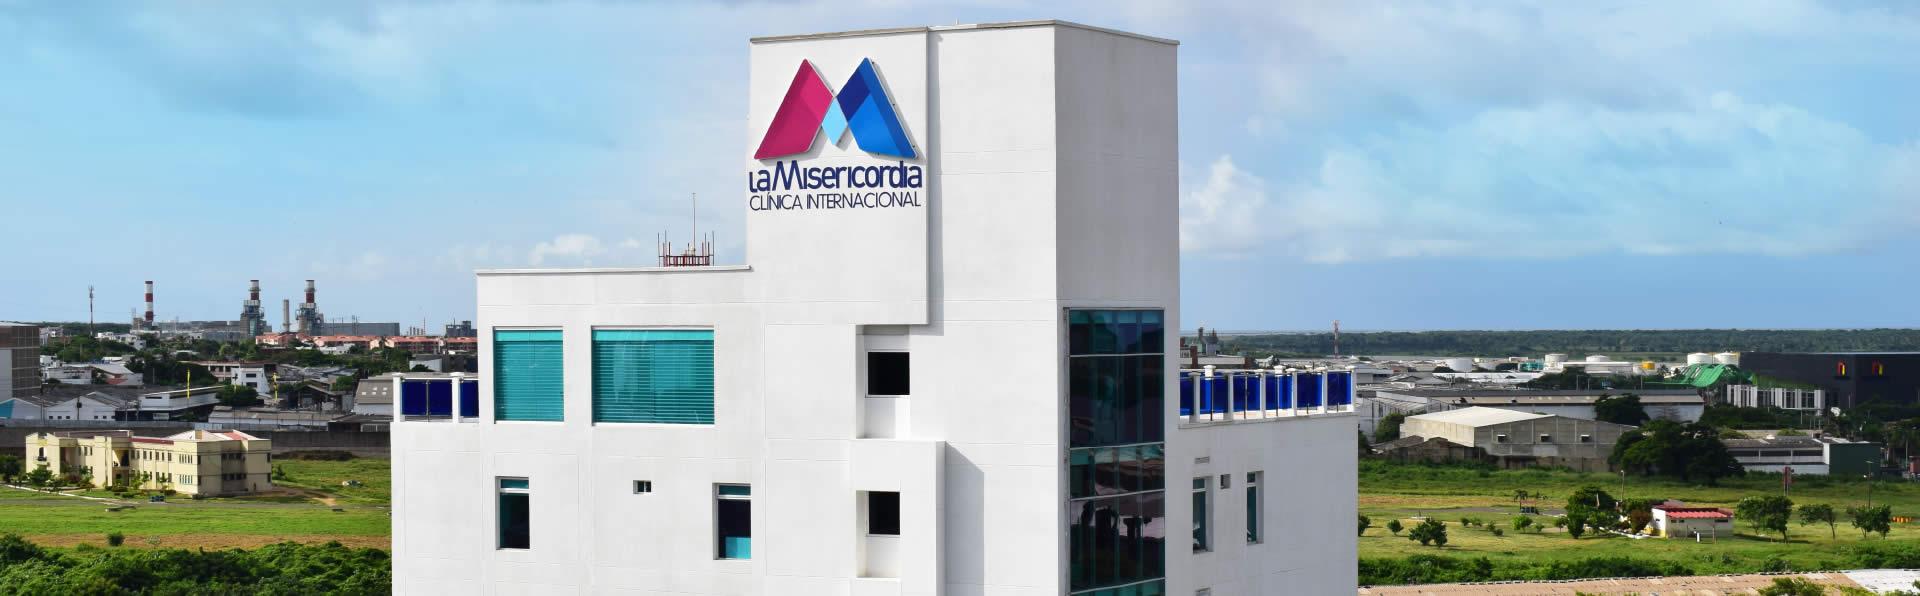 Clinica La Misericordia Internacional en Barranquilla